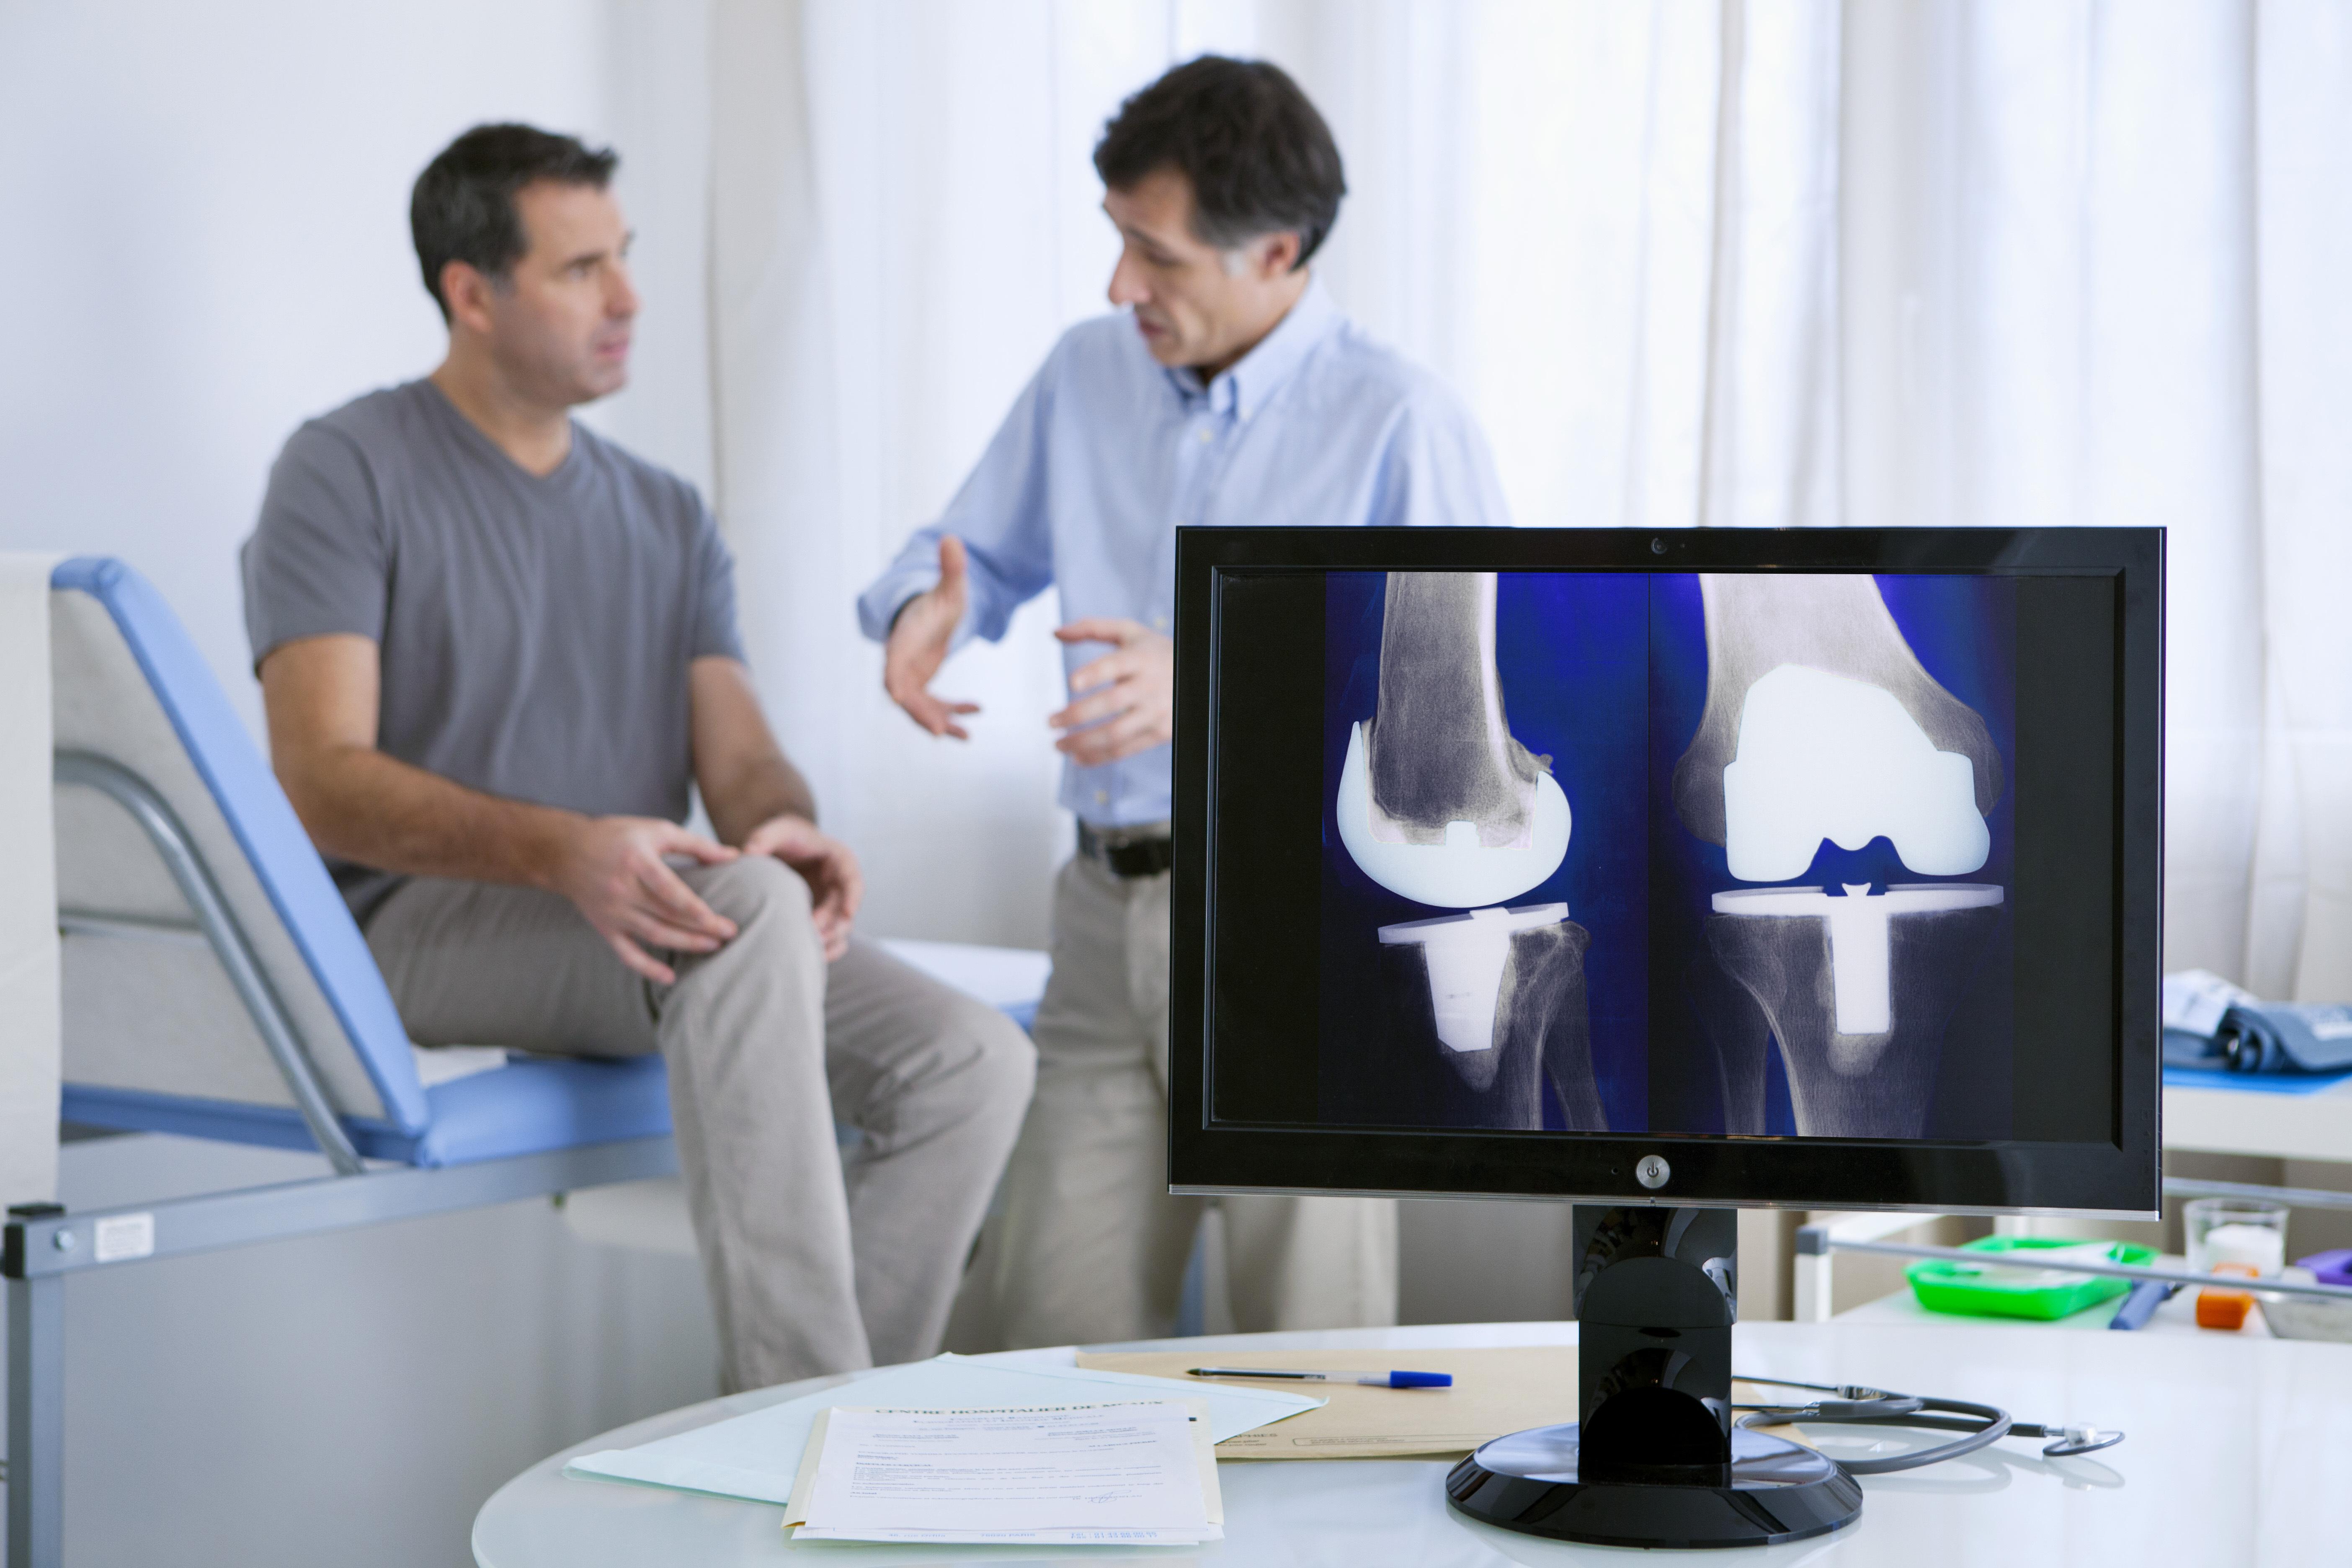 Walfredo Gurgel contará com 18 terminais para visualização dos exames de raio-x digital